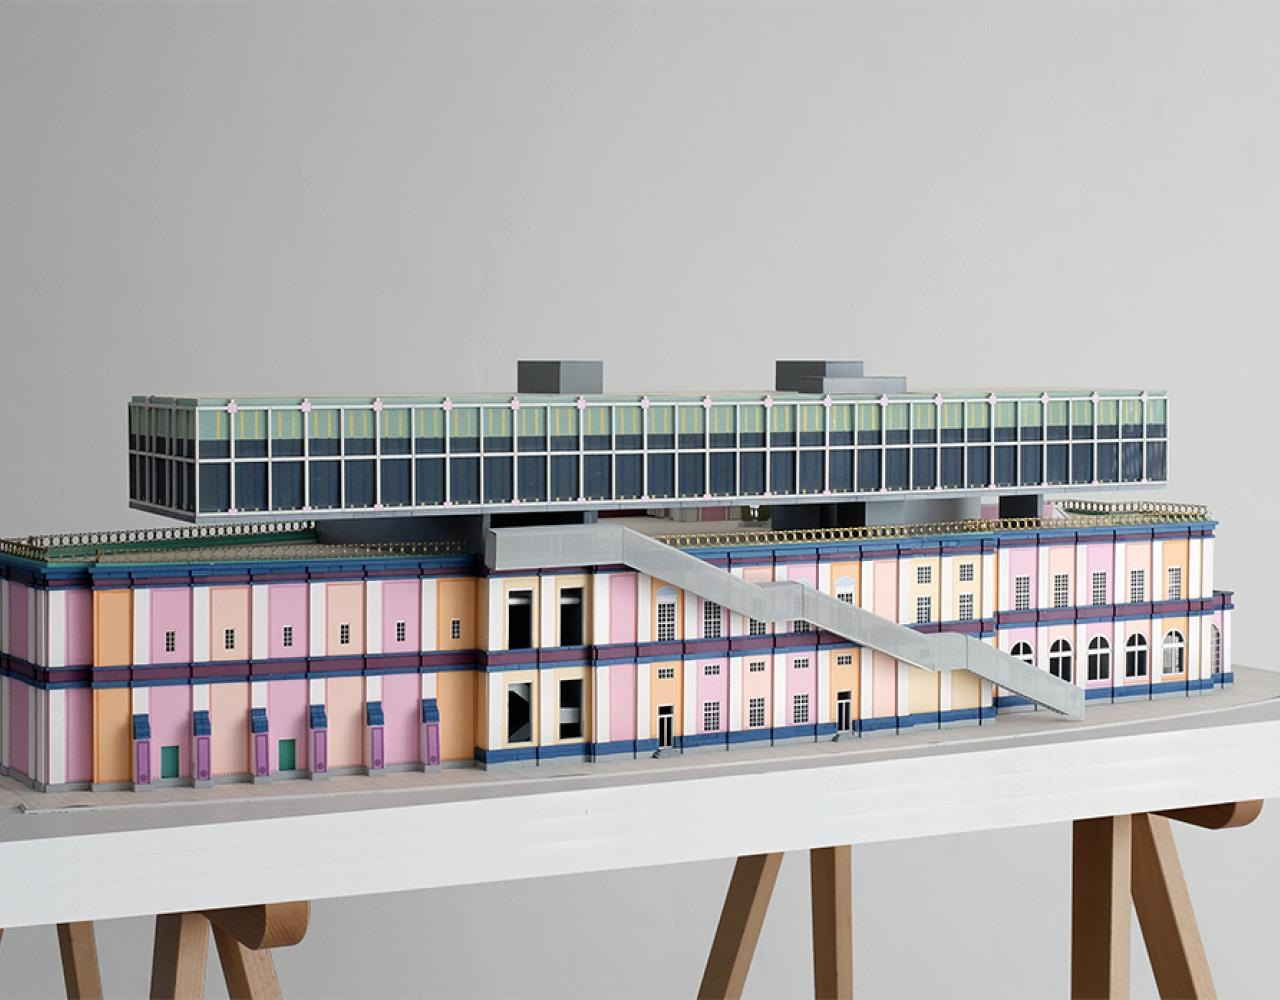 transformation af palads teatret